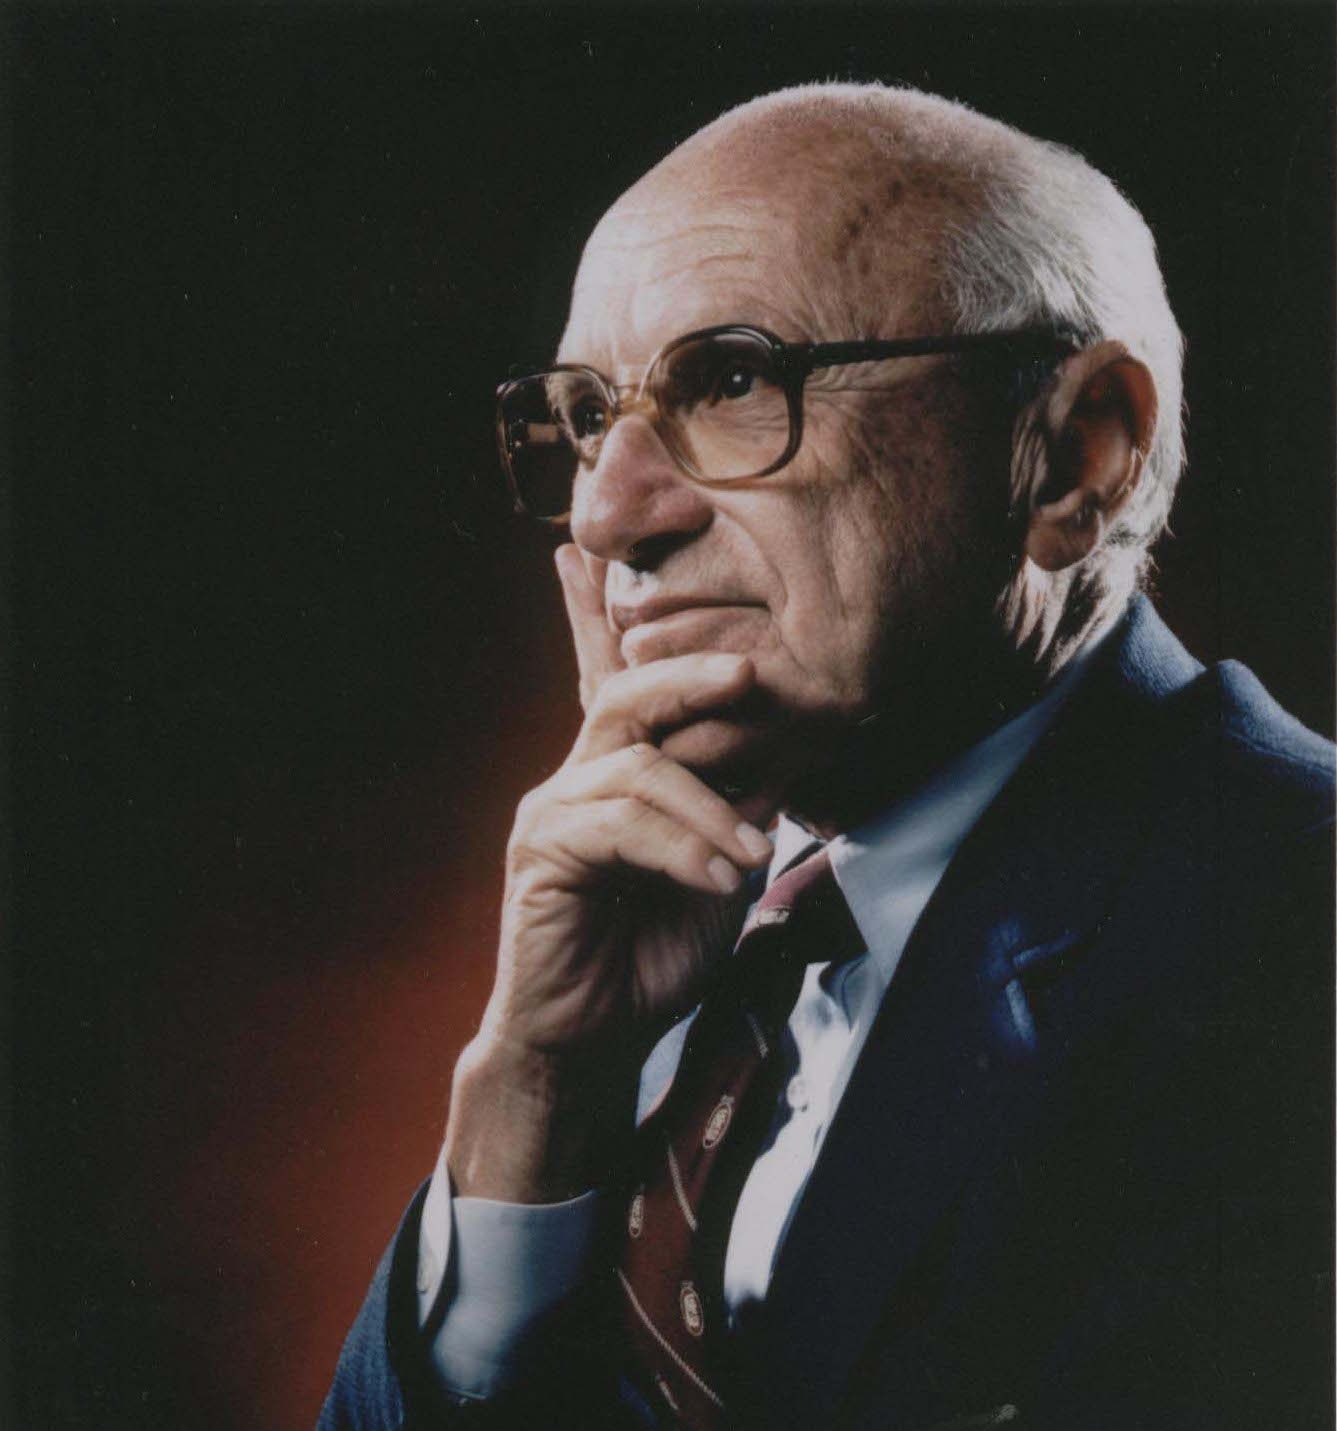 ميلتون فريدمان وإسهاماته في الاقتصاد - عالم اقتصاد وإحصاء أمريكي - نظرية السوق - السوق الحرة - الرأسمالية - علماء الاقتصاد الكينزيين